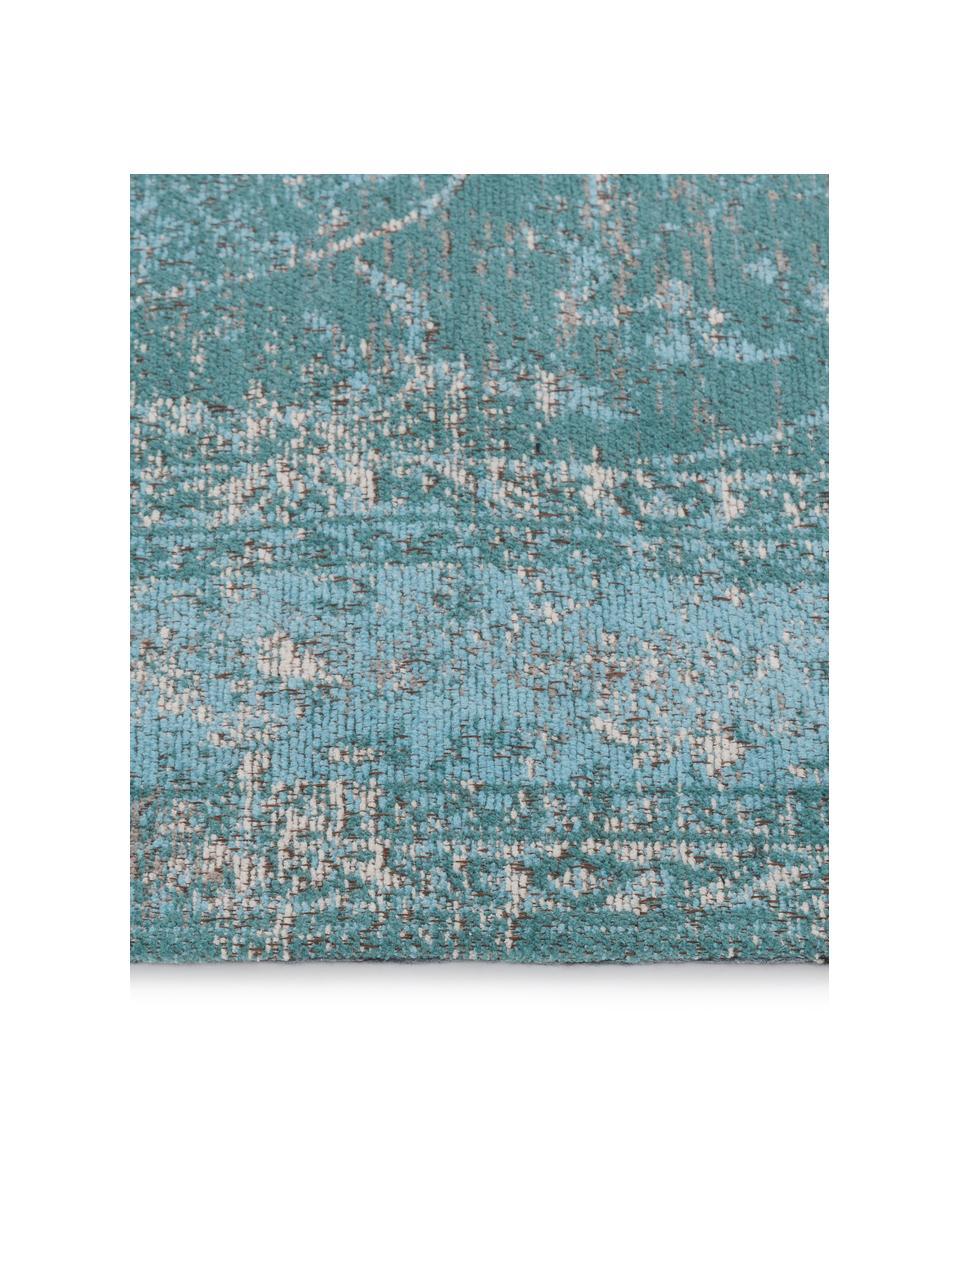 Tapis vintage chenille Palermo, Turquoise, bleu ciel, crème